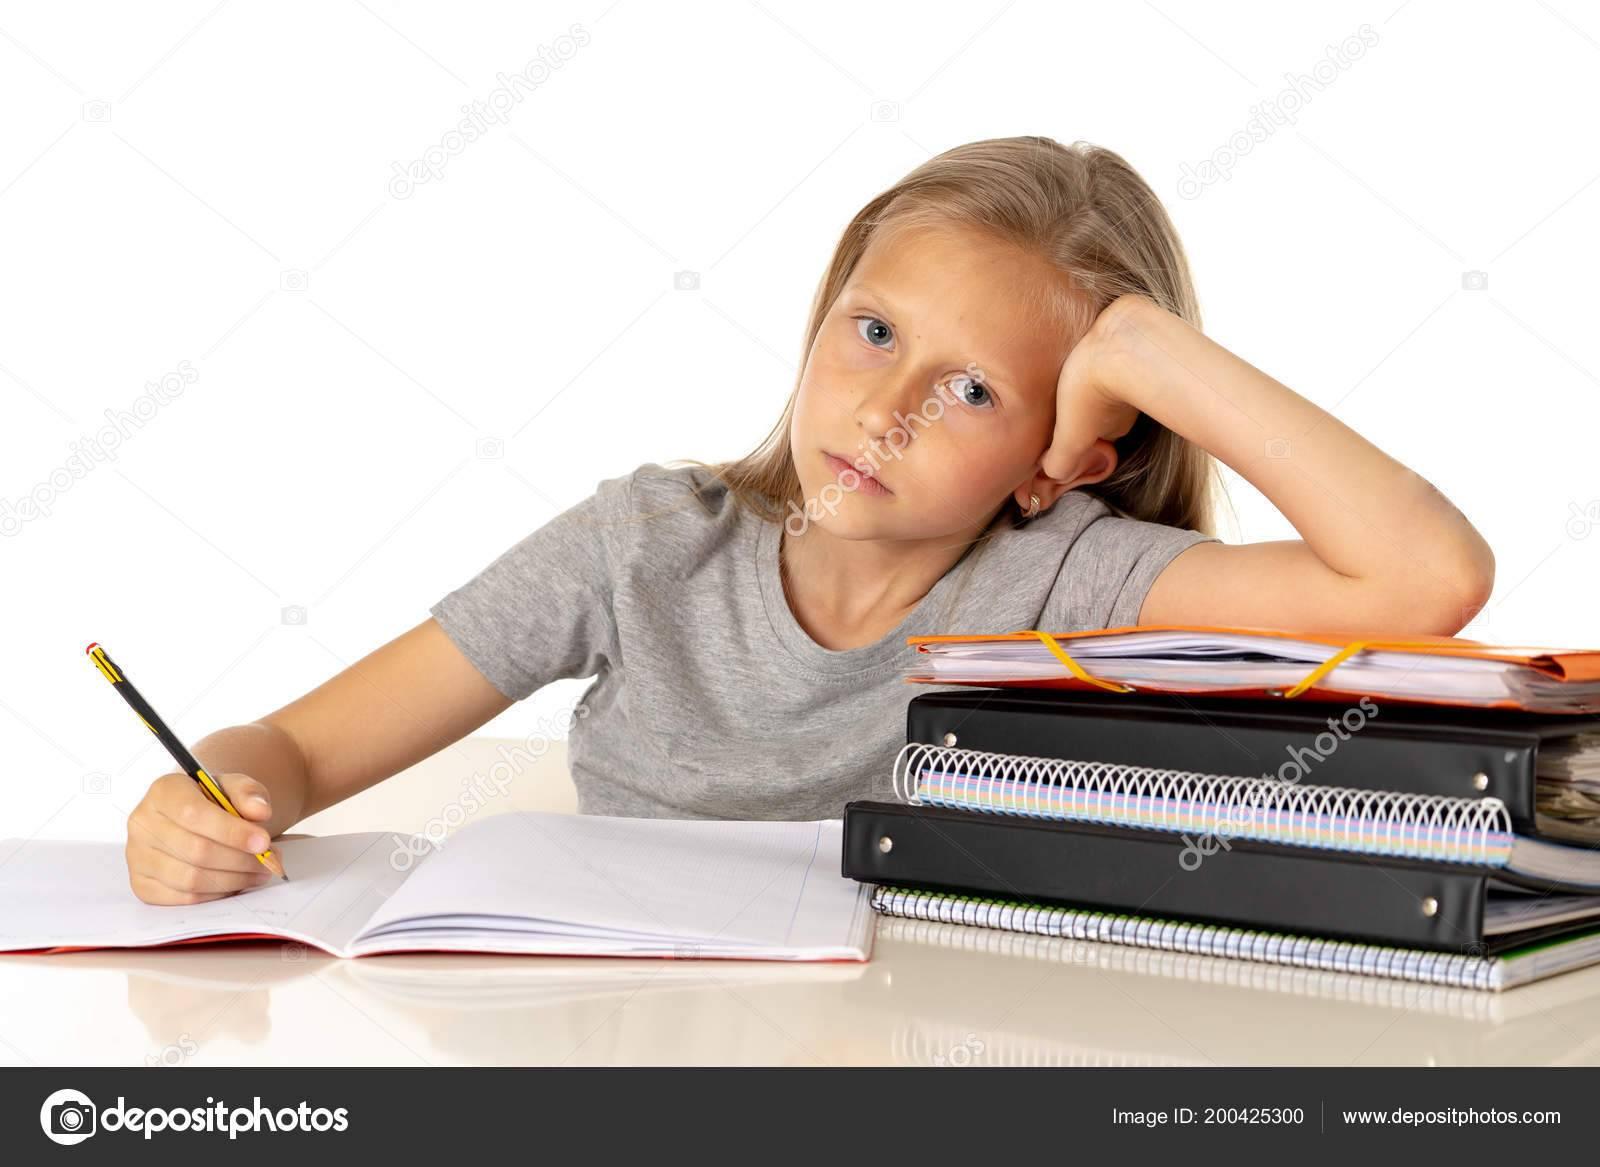 Зачем дети учатся? как мотивировать ребенка к учебе - рекомендации психолога